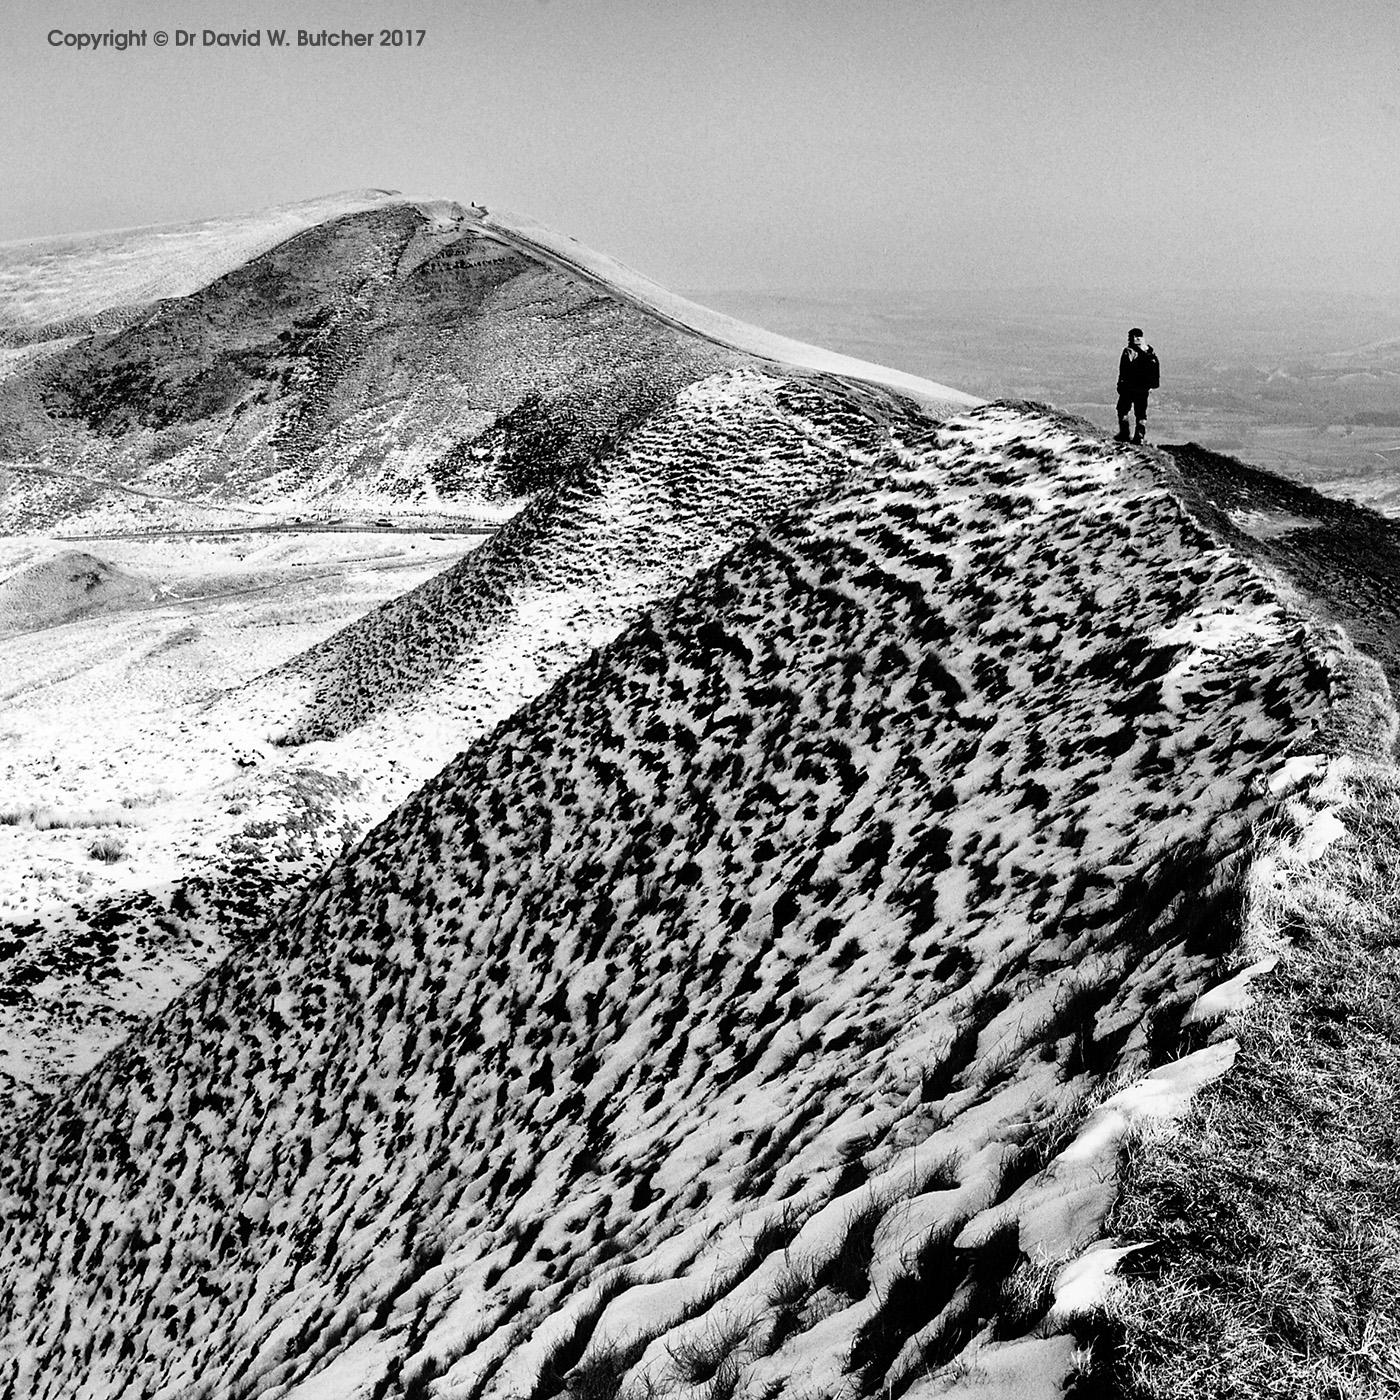 Mam Tor from Rushup Edge, Castleton, Peak District